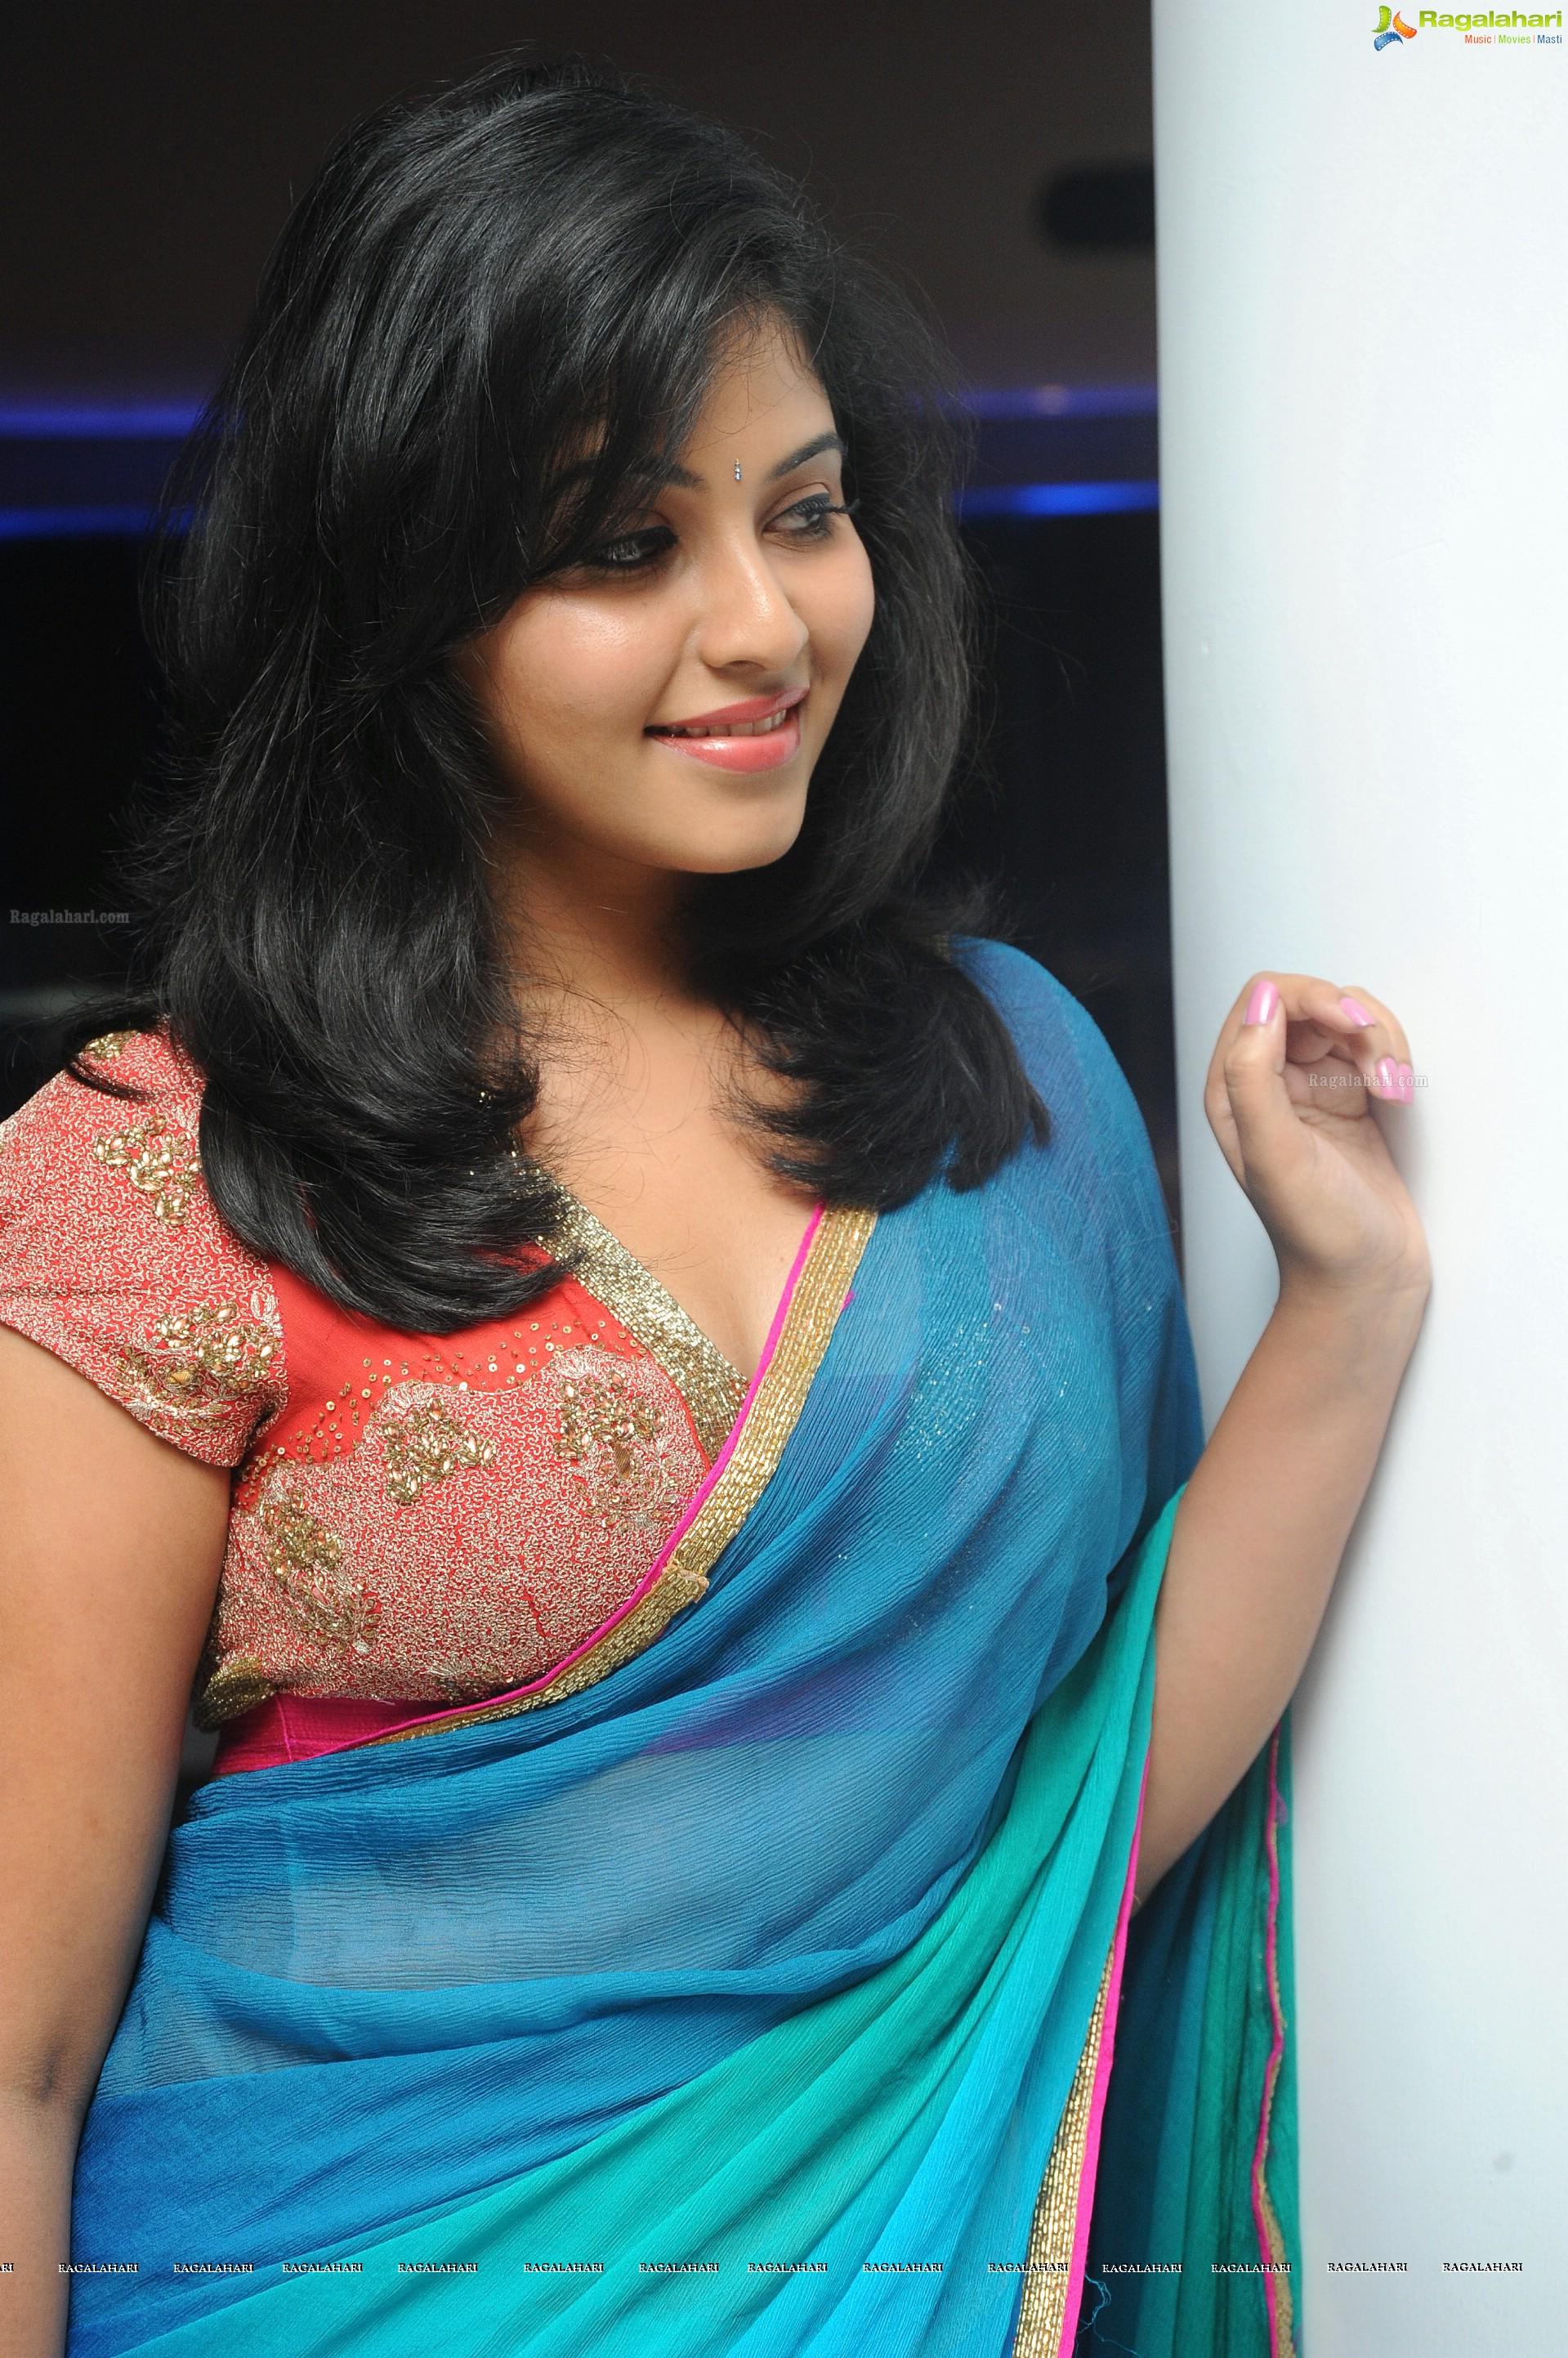 exclusive photos: beautiful tamil actress anjali in saree